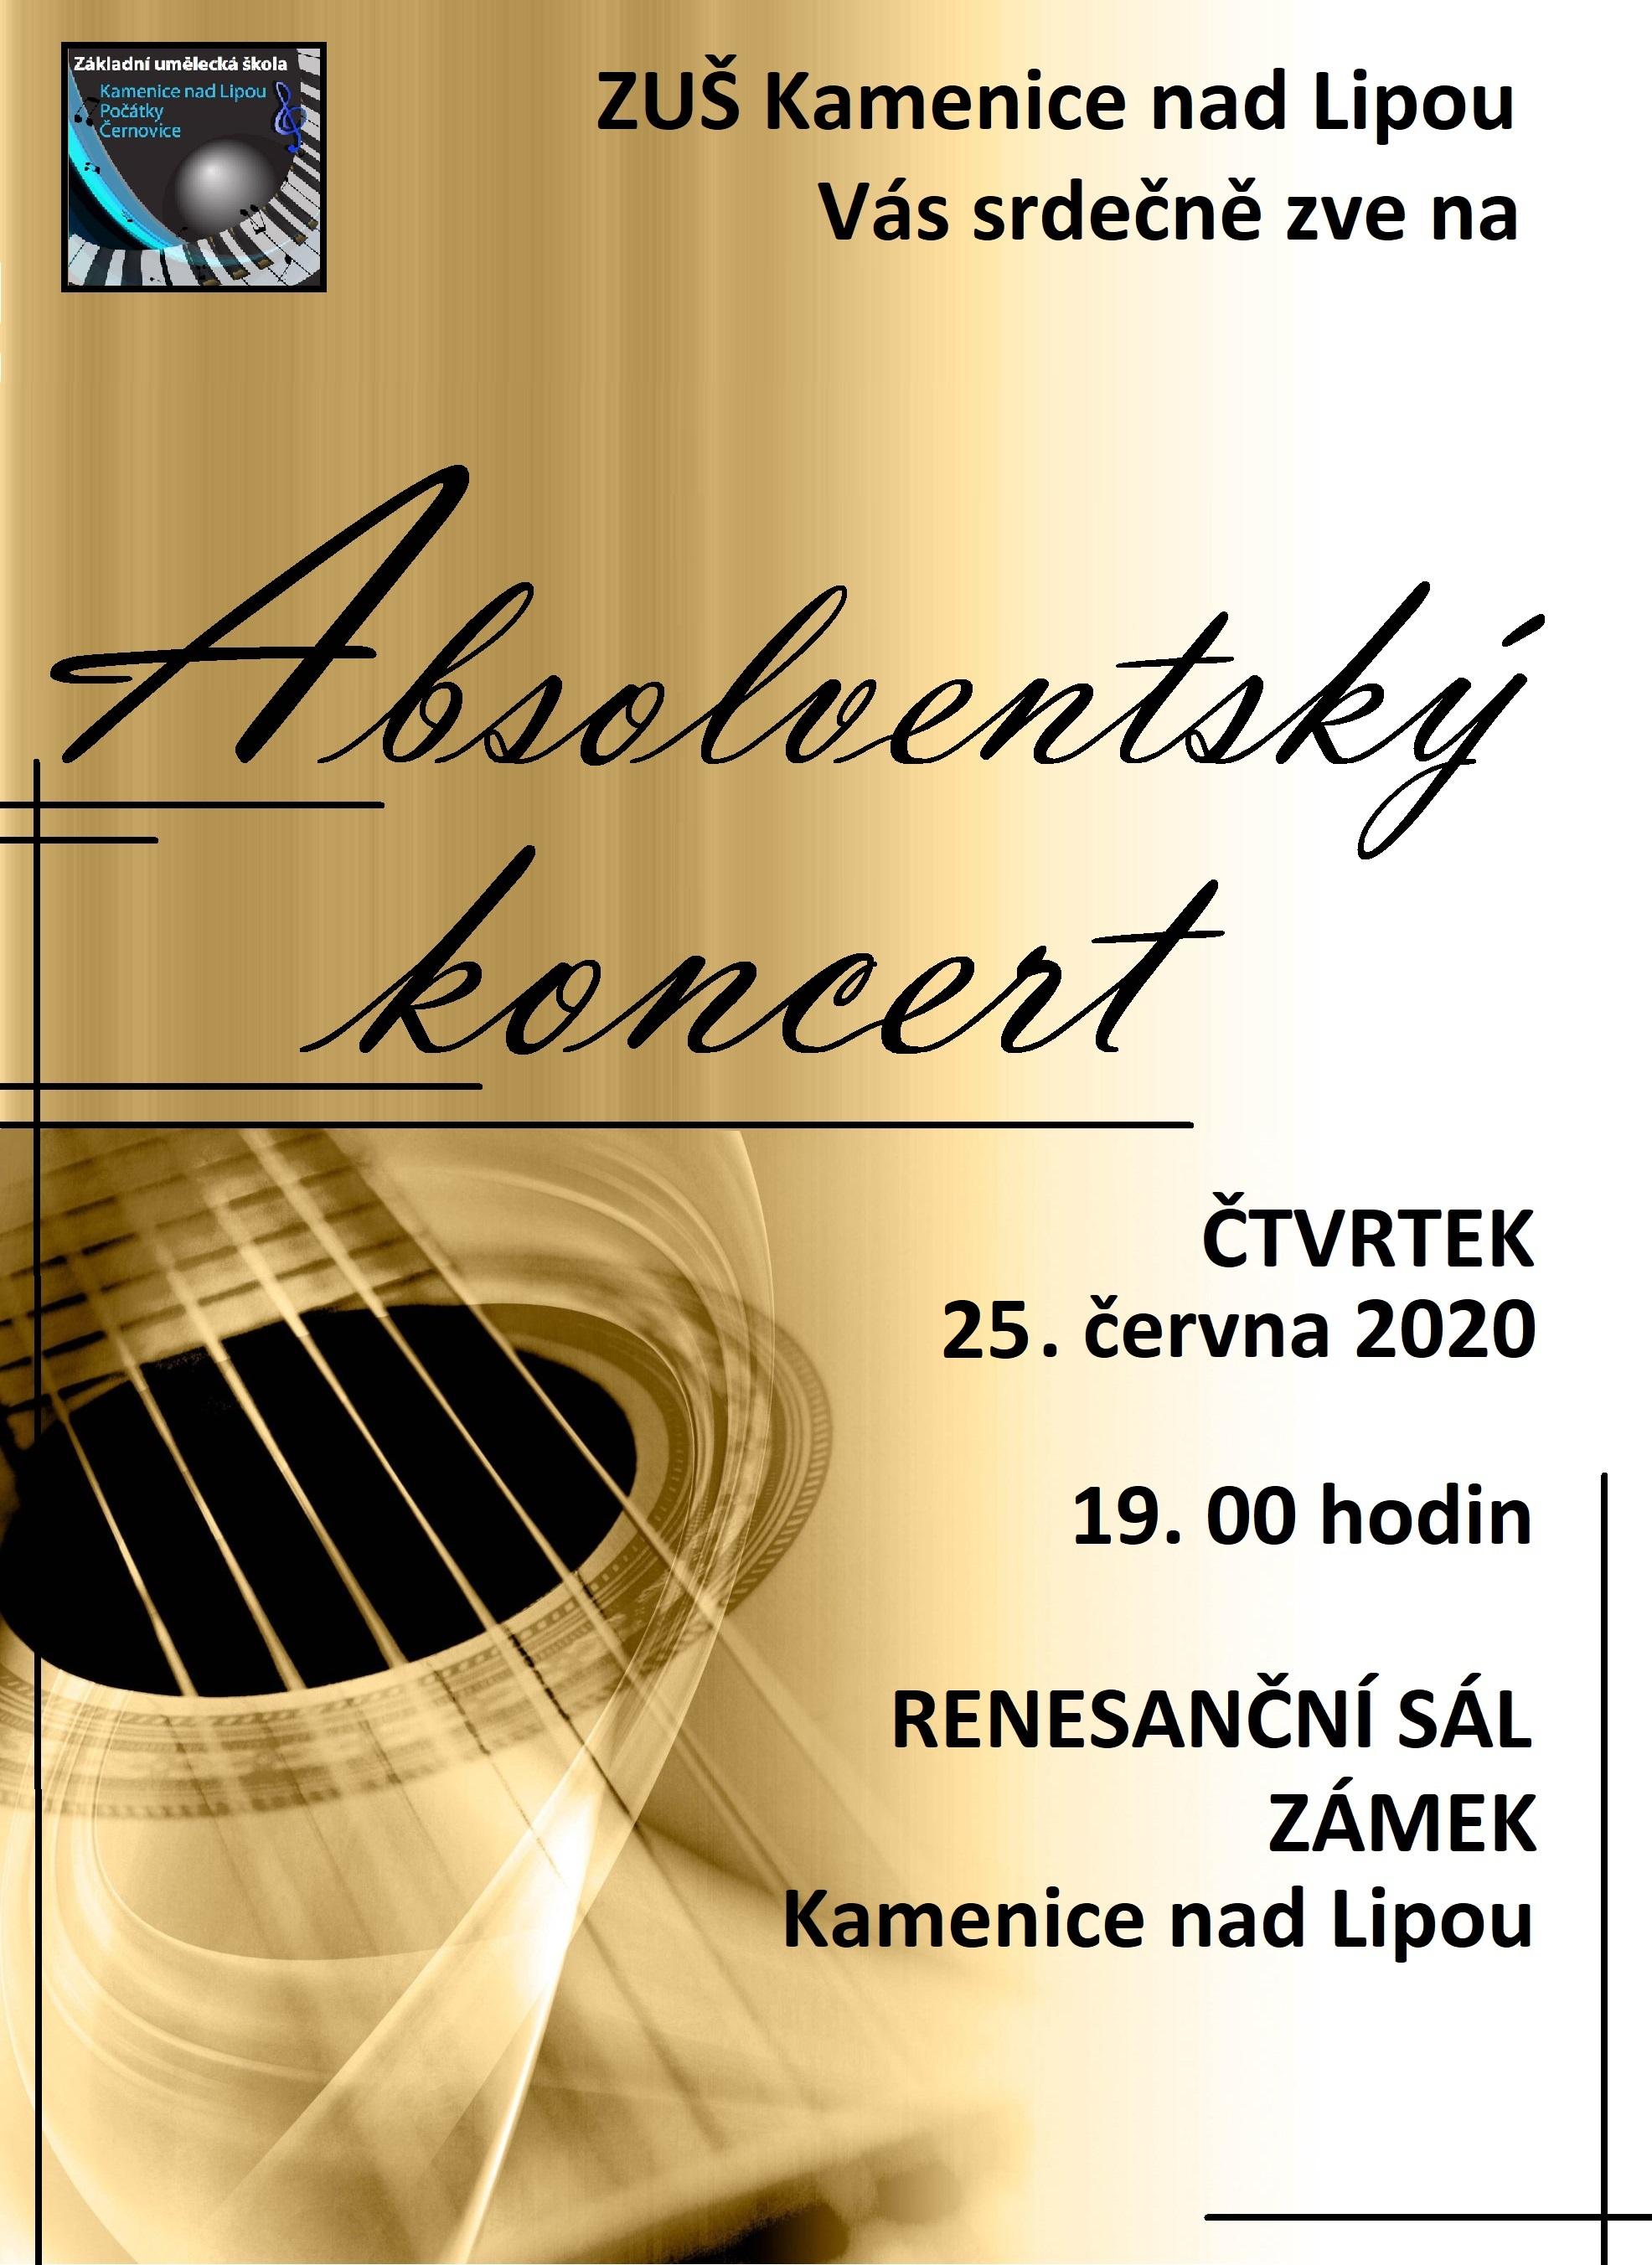 25. 6. 2020 - ABSOLVENTSKÝ KONCERT - KAMENICE NAD LIPOU